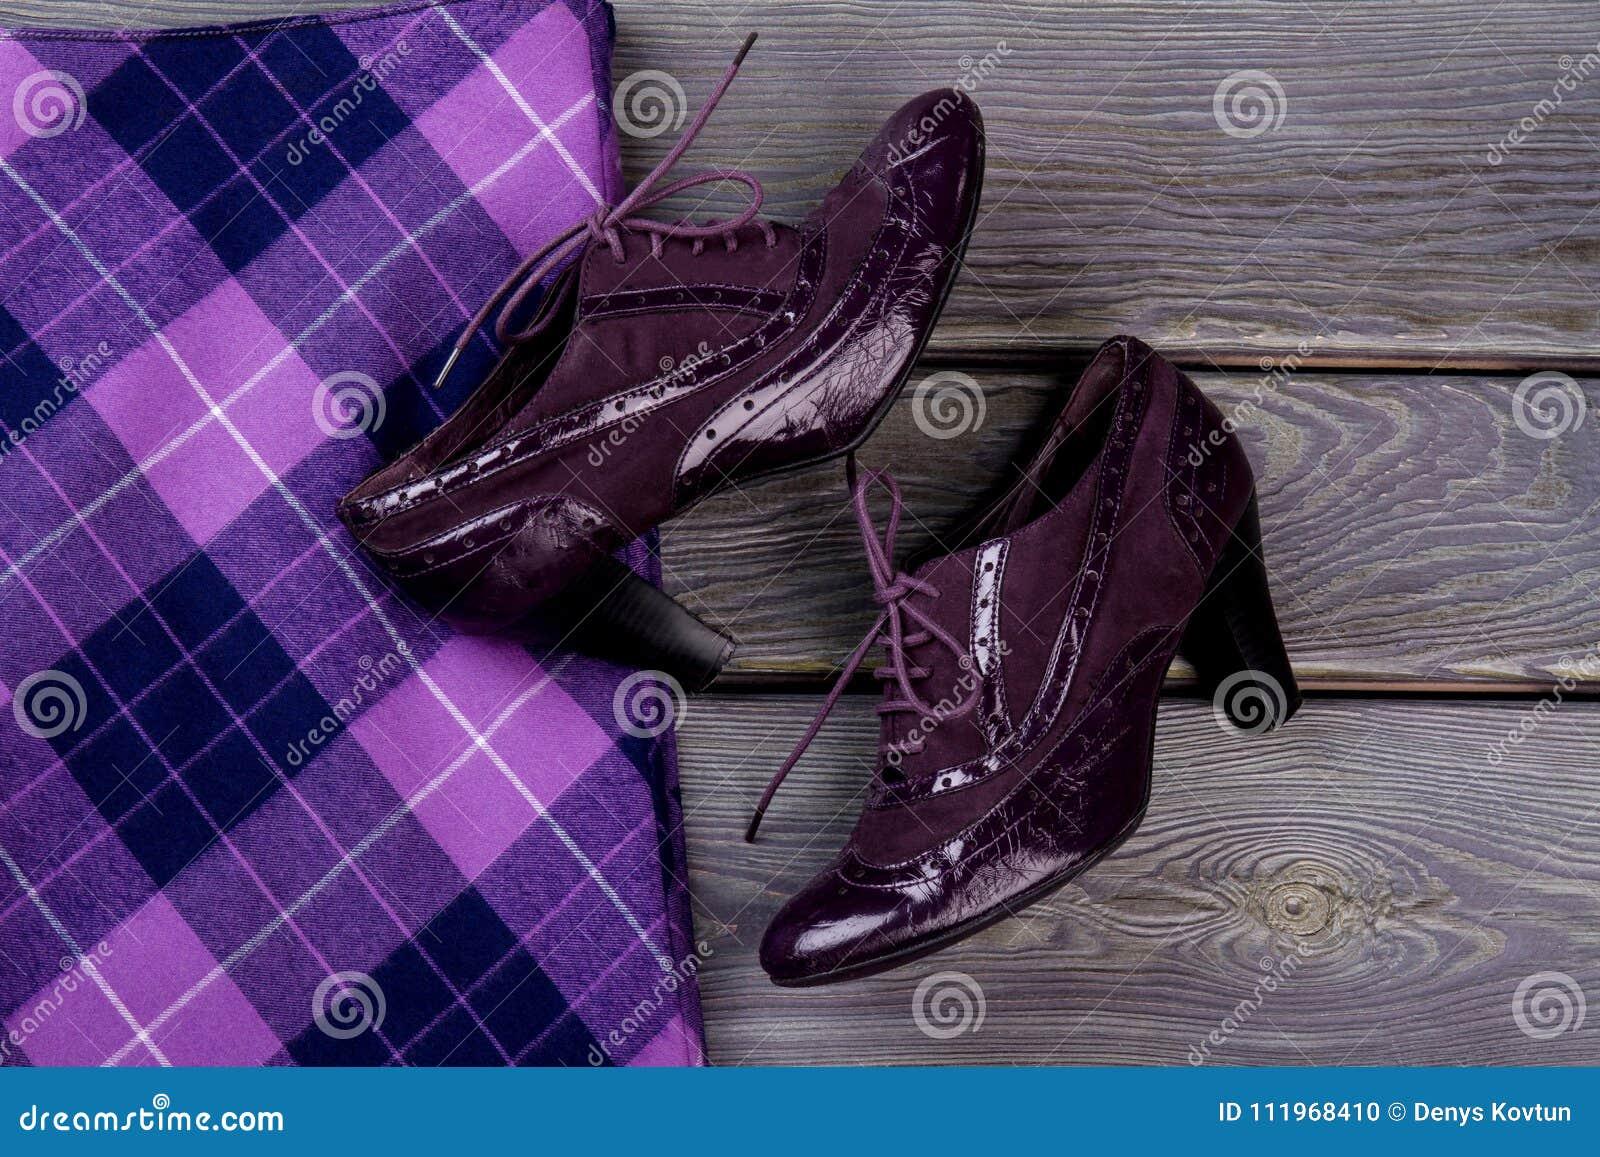 Close up purple shiny heel shoes.